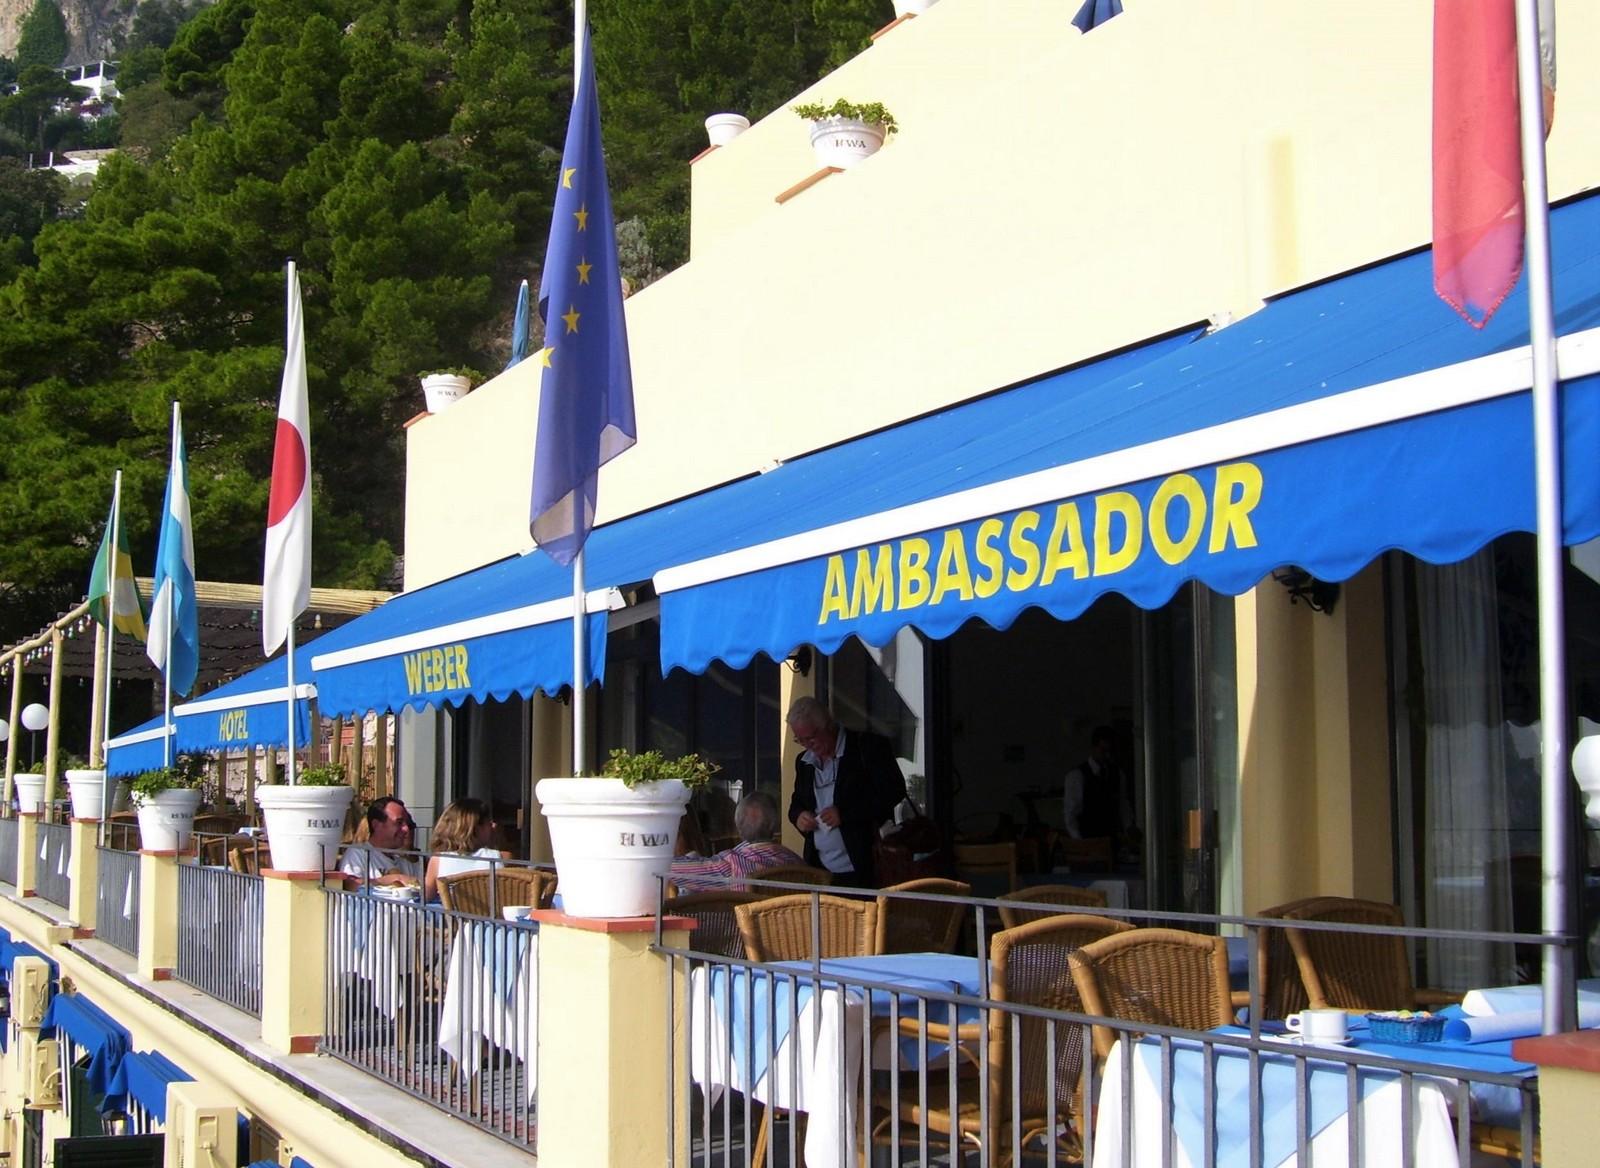 Hotel Weber Ambassador - Frühstücksterrasse